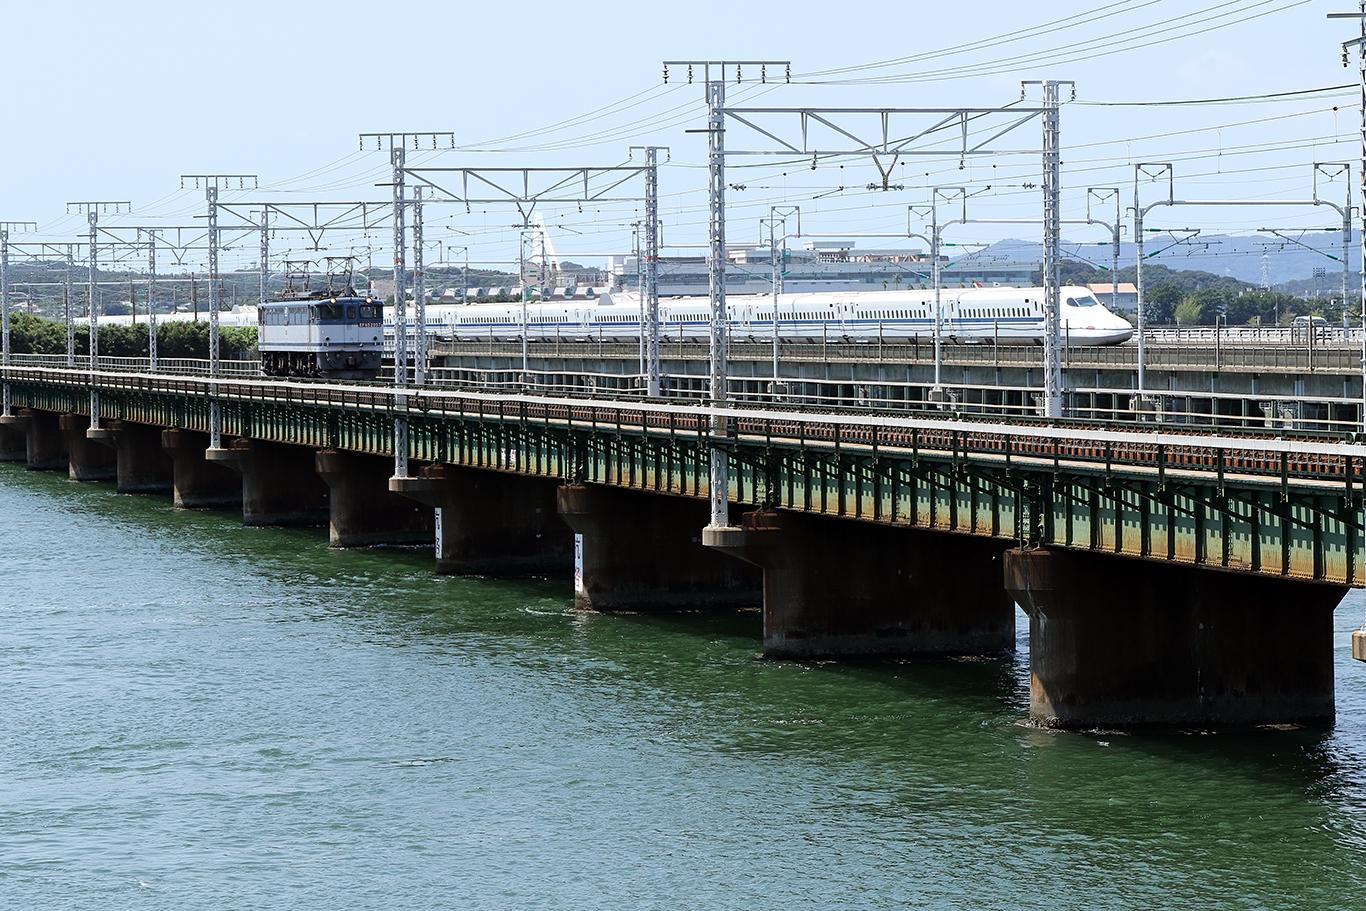 https://rail.travair.jp/wp-content/uploads/2019/08/2019_08_10_0034.jpg